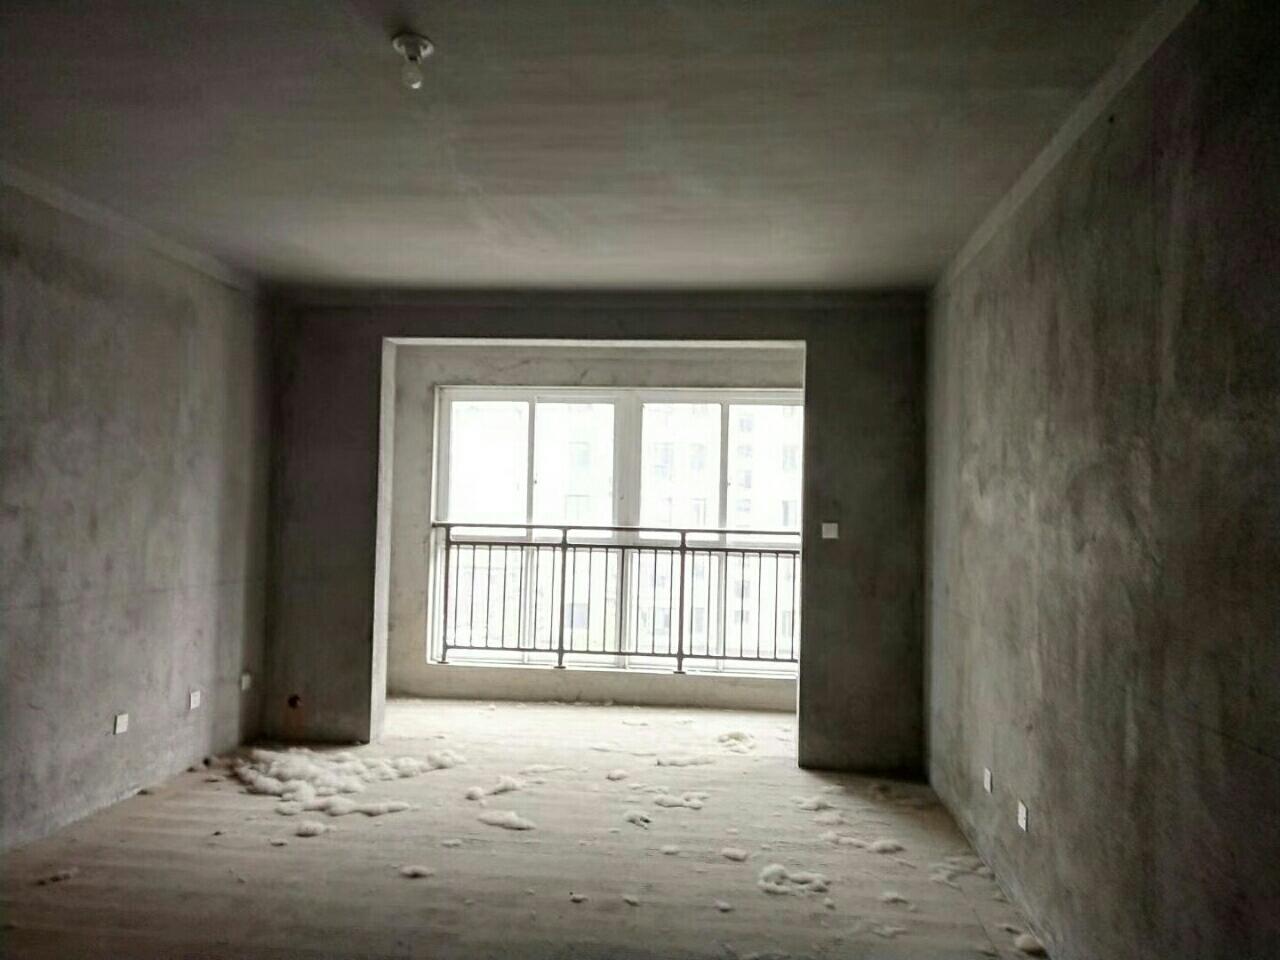 美晨·新天地3室2厅2卫43万元